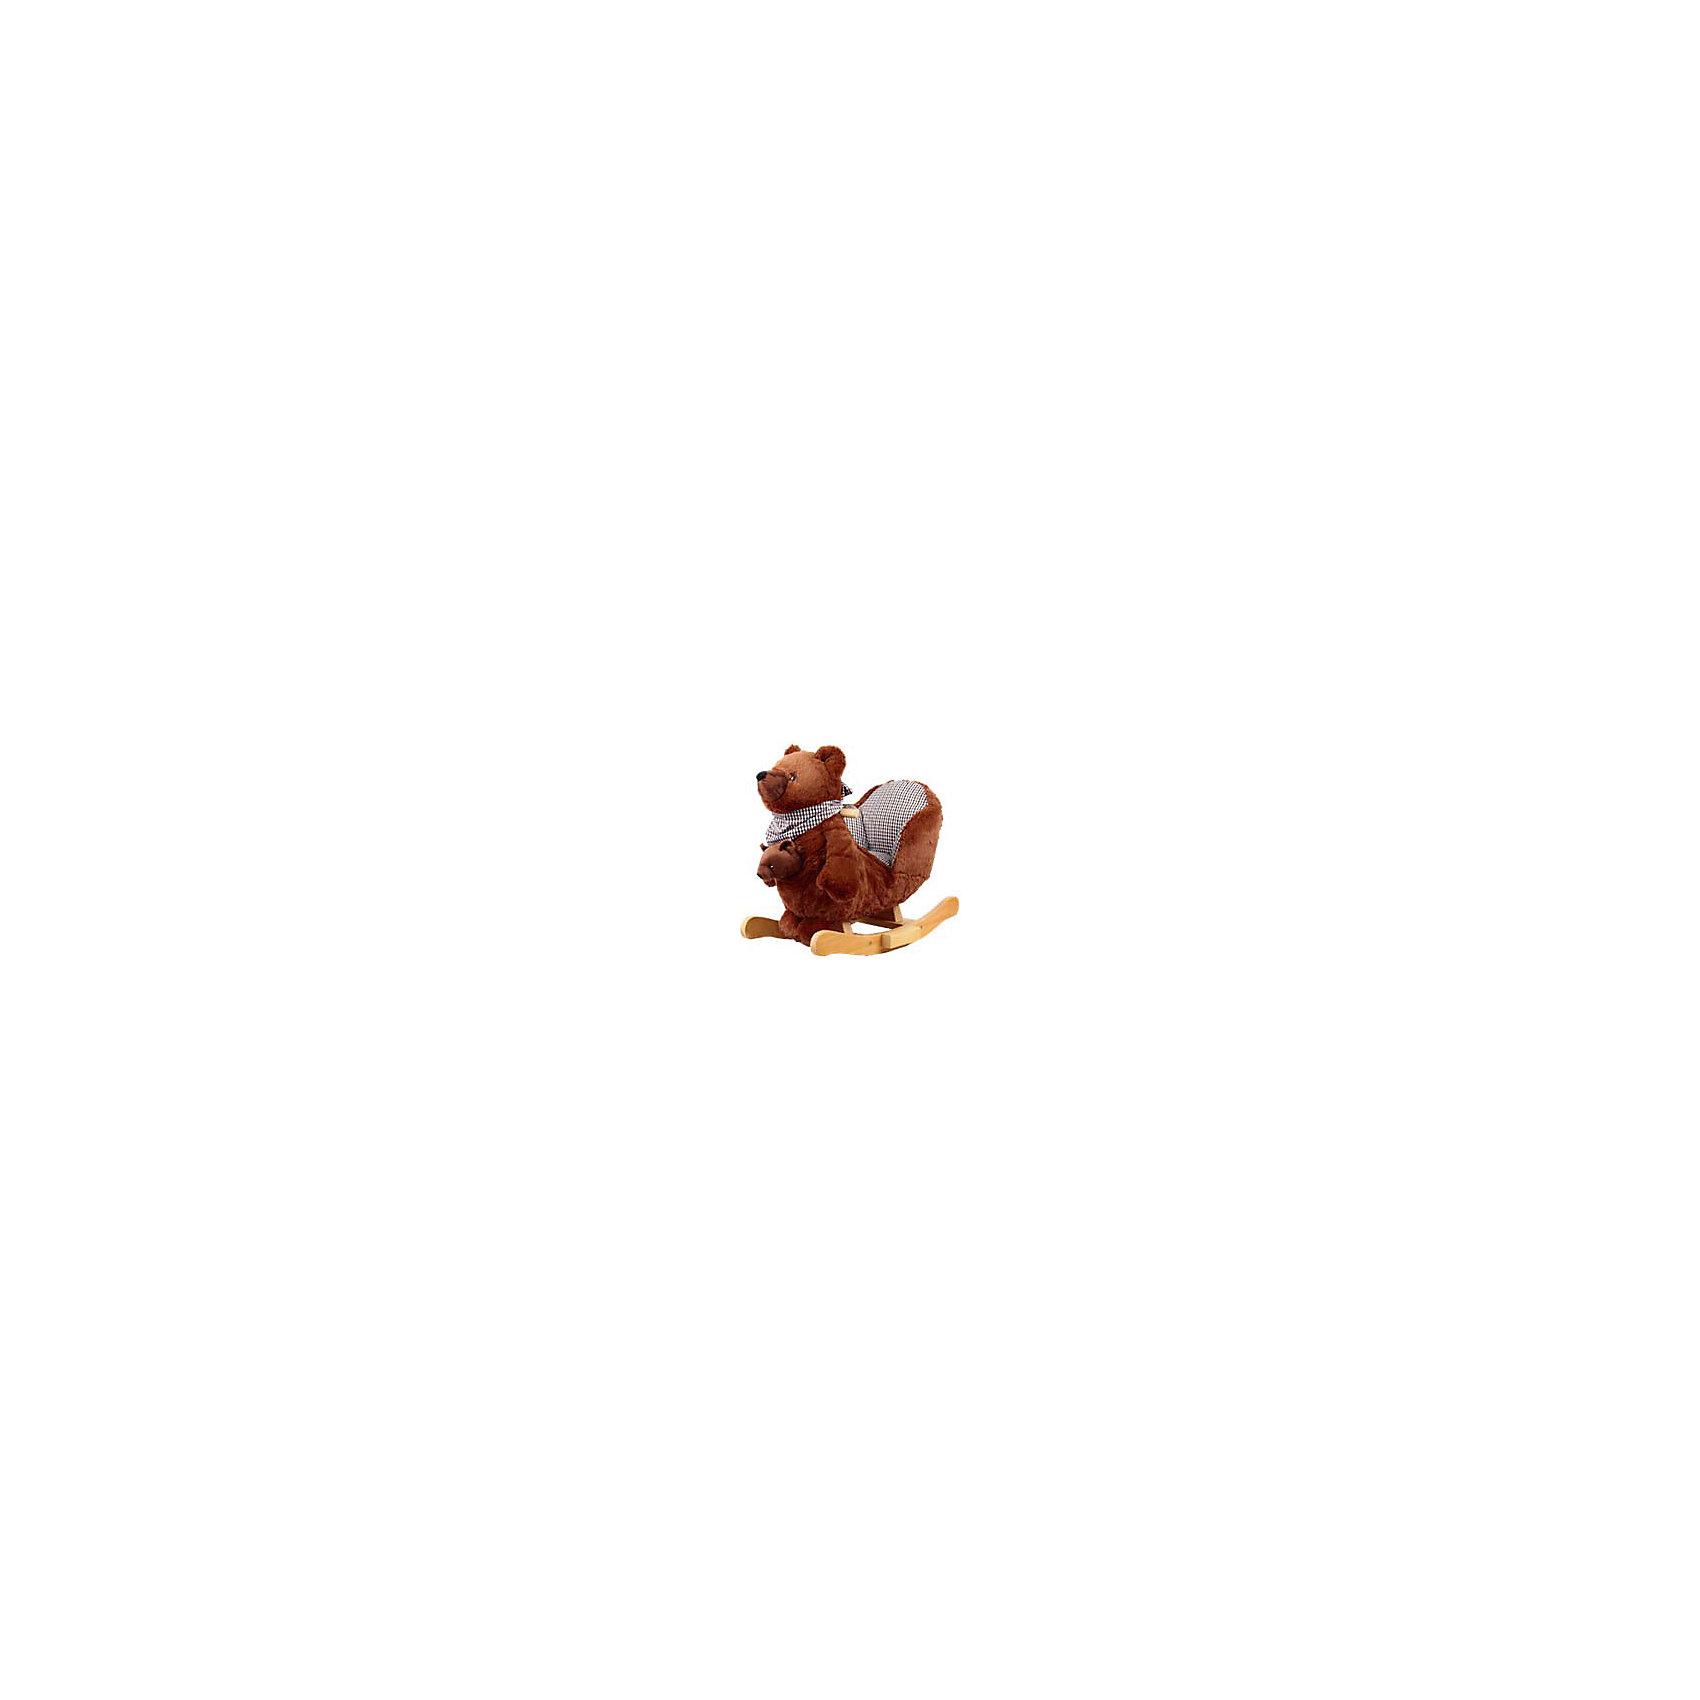 Качалка меховая Медведь, Rock My BabyКачалка меховая Медведь, Rock My Baby (Рок Май Бэби) ? это игрушка-качалка, разработанная немецким брендом Rock My Baby специально для самых маленьких. Качалки от Рок Май Бэби ? это, прежде всего, безопасность вашего ребенка. Качалка выполнена в форме медведя, на спине которой имеется мягкое креслице со спинкой и бортиками по бокам, поэтому вам не придется беспокоиться о том, что малыш упадет или ударится. Специальная форма дуг защищает качалку от опрокидывания. Качалка меховая Медведь, Rock My Baby (Рок Май Бэби) подходит и для малышей помладше, которые только научились сидеть.<br>Качалка меховая Медведь, Rock My Baby (Рок Май Бэби) изготовлена из мягкого  искусственного меха, внутренняя обивка сиденья – из гипоаллергенного текстиля, ручки-поручни из натурального дерева округлой формы без заострений. Дуги ? из тщательно обработанного дерева. Спереди в кармашке медведя имеется мягкая игрушка – медвежонок. На шее у медведя повязан шейный платок, изготовленный из того же материала, что и внутренняя обивка кресла. Во время раскачивания медведь издает звуки.<br>Качалка меховая Медведь, Rock My Baby (Рок Май Бэби) ? предназначена для подвижных игр, качаясь на ней, у ребенка улучшается физическая форма и тренируется вестибулярный аппарат, да и само по себе качание на лошадке ? увлекательное времяпрепровождение!<br><br>Дополнительная информация:<br><br>- Вид игр: подвижные <br>- Предназначение: для дома, для детских садов, для детских развивающих центров<br>- Материал: искусственный мех, текстиль, дерево<br>- Размер (Д*Ш*В): 54*45*21 см<br>- Вес: 4 кг 600 г<br>- Максимальная нагрузка на игрушку: до 30 кг<br>- Особенности ухода: разрешается протирать влажной губкой, пылесосить<br><br>Подробнее:<br><br>• Для детей в возрасте: от 1 года и до 3 лет<br>• Страна производитель: Китай<br>• Торговый бренд: Rock My Baby<br><br>Качалку меховую Медвежонок, Rock My Baby (Рок Май Бэби) можно купить в нашем интернет-магазине.<br><br>Ширина мм: 540<br>